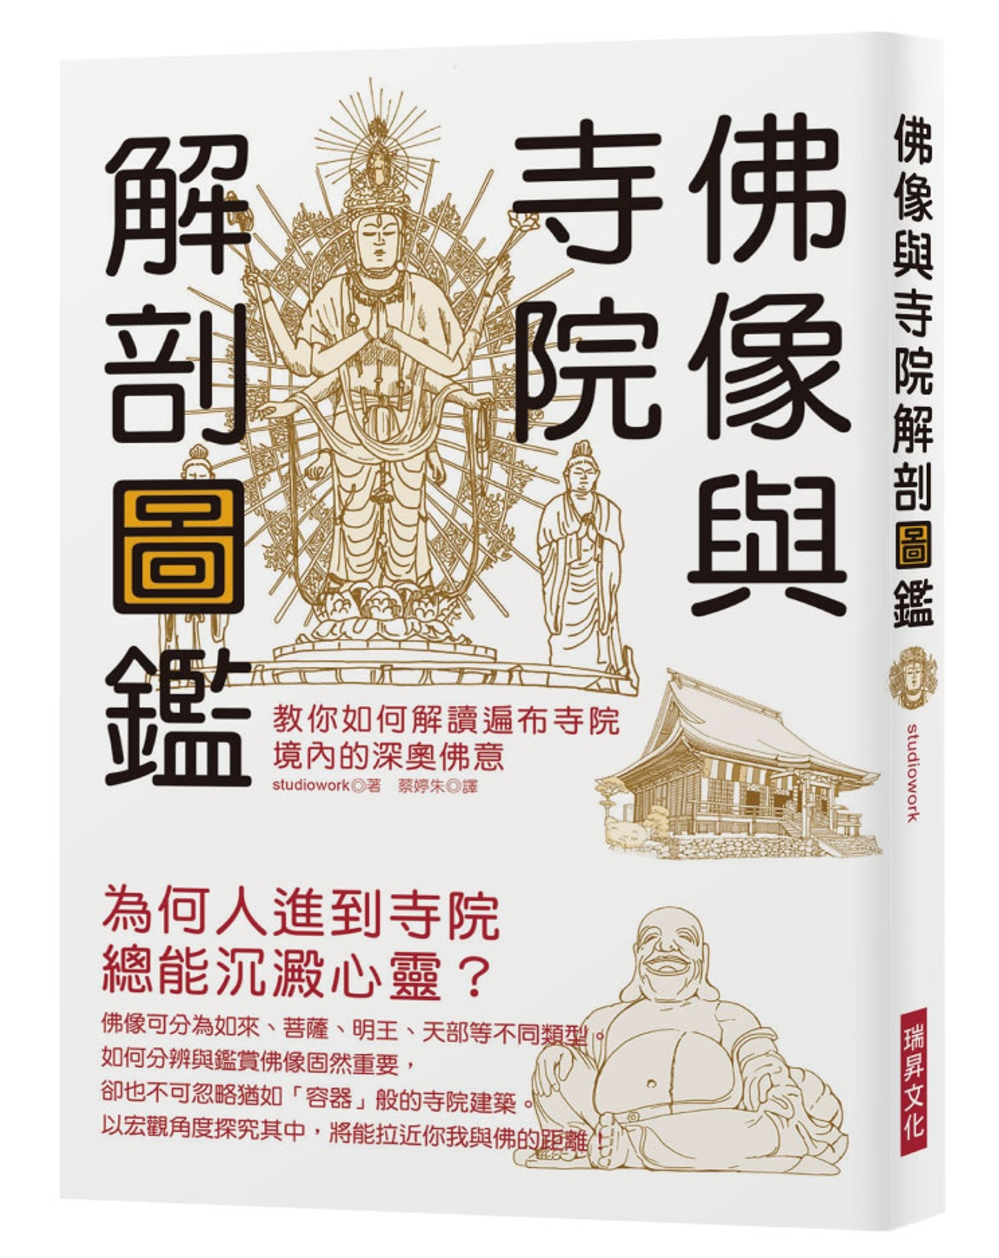 ◤博客來BOOKS◢ 暢銷書榜《推薦》佛像與寺院解剖圖鑑:教你如何解讀遍布寺院境內的深奧佛意